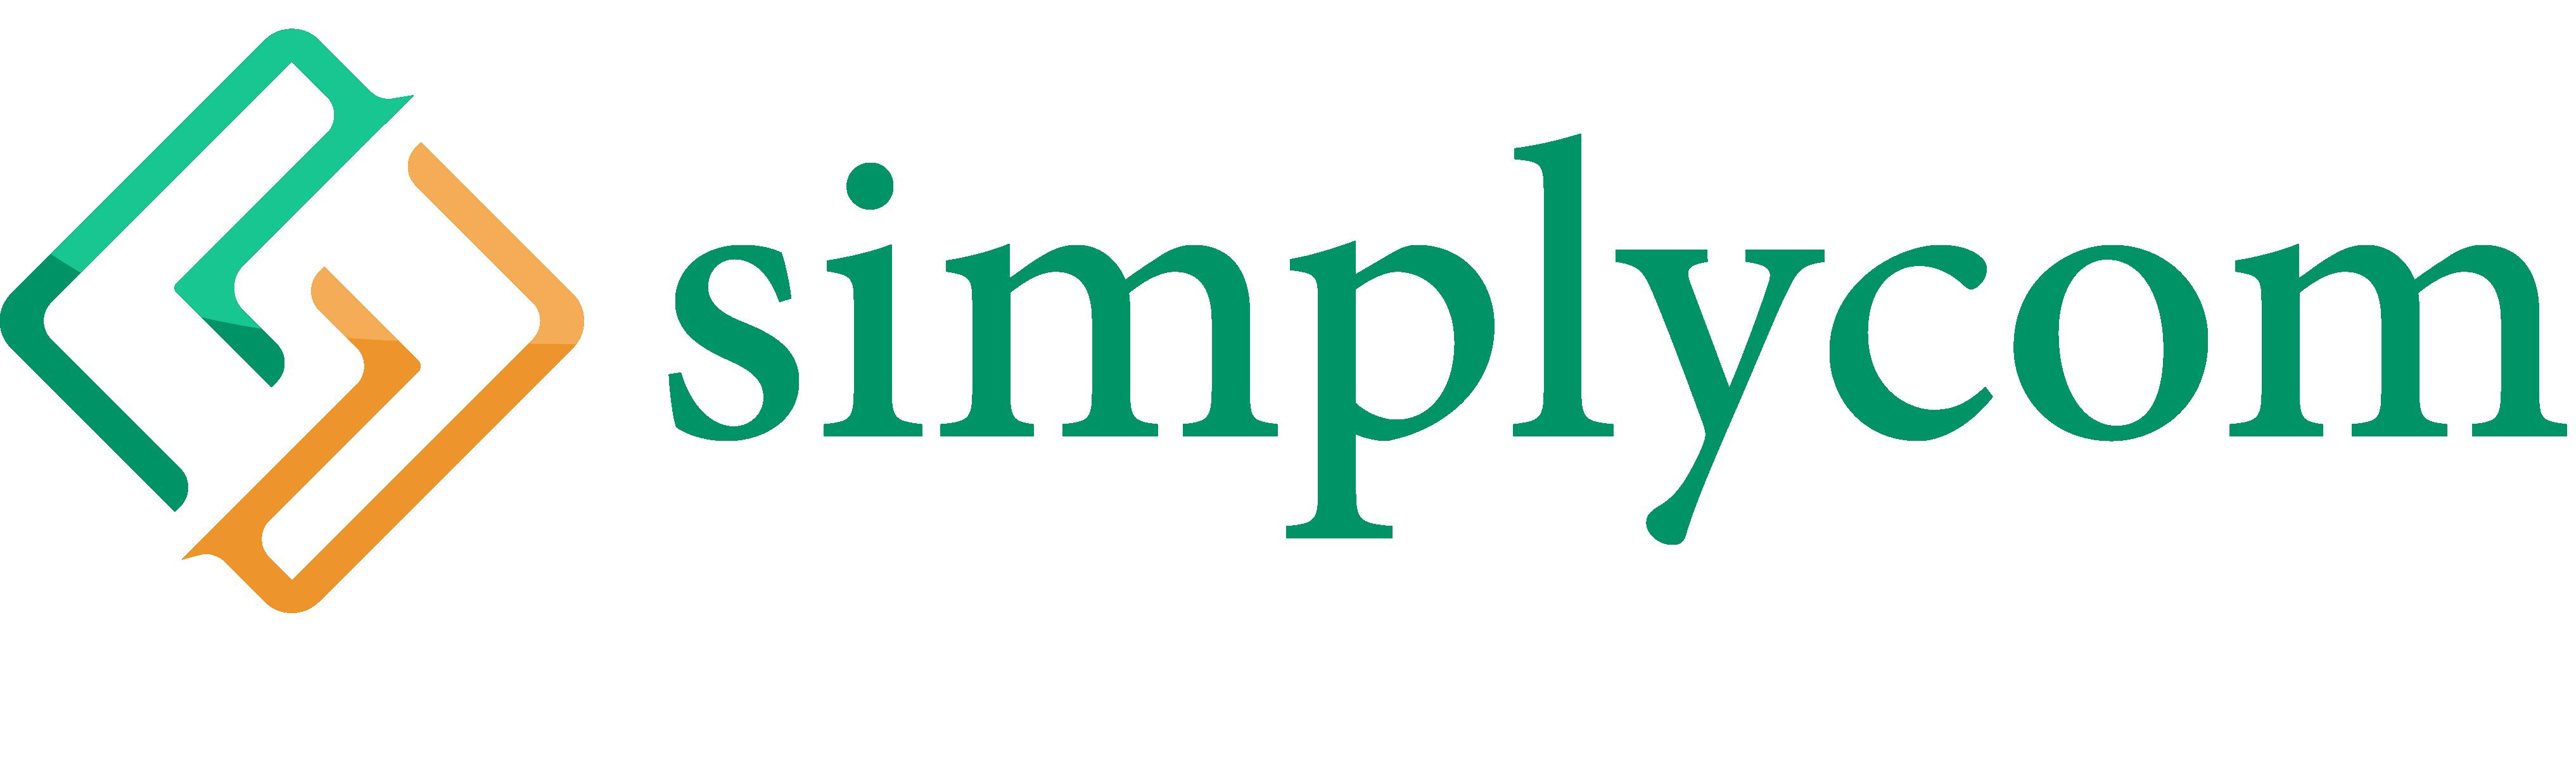 Simplycom